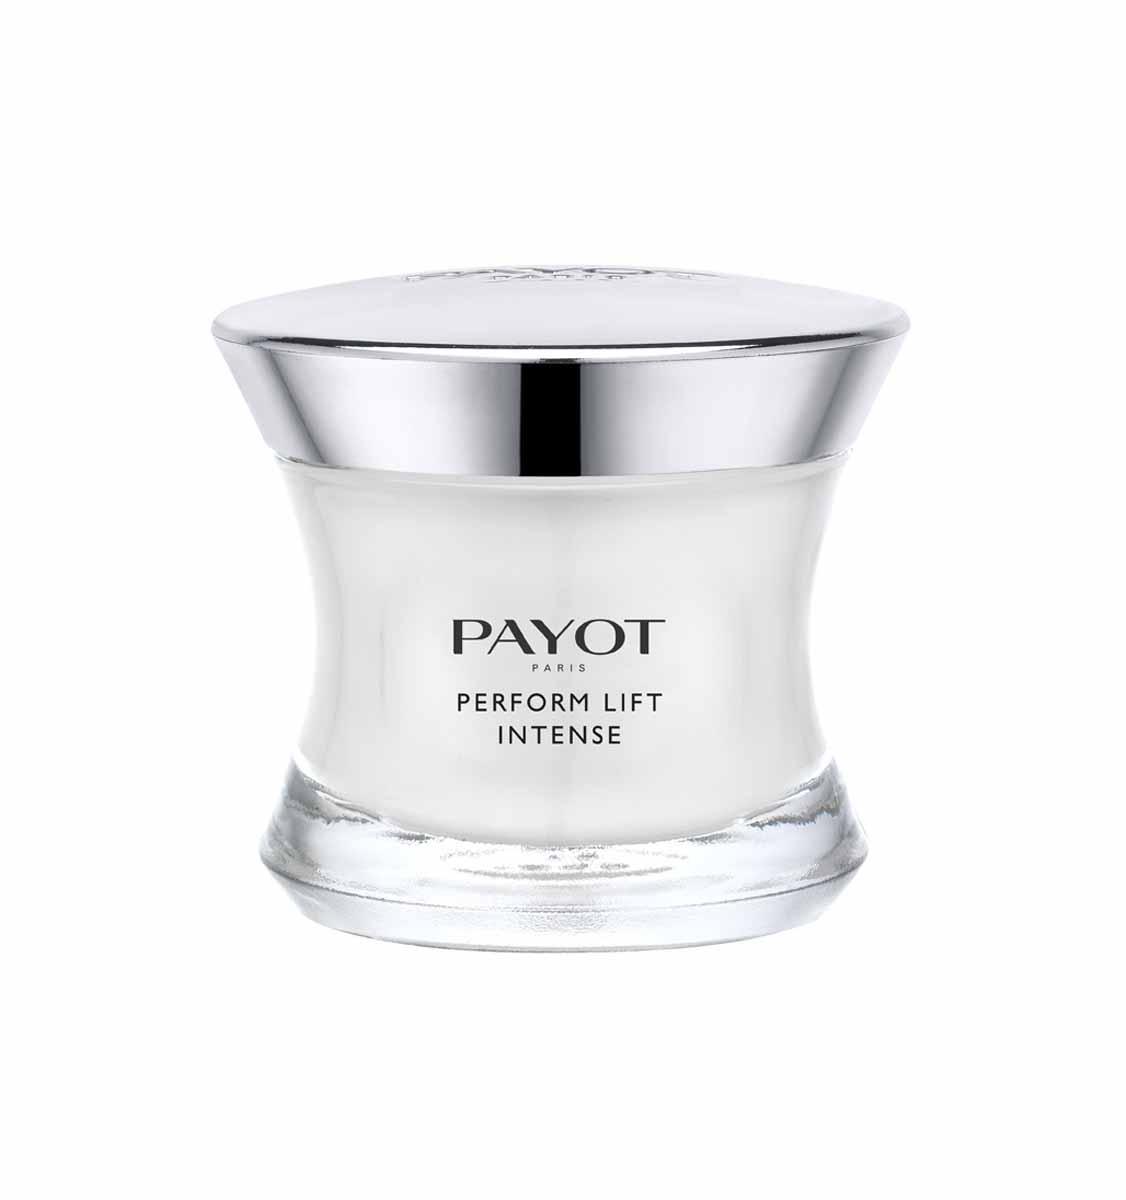 где купить  Payot Интенсивно укрепляющее и подтягивающее средство Perform Lift для лица 50 мл  по лучшей цене